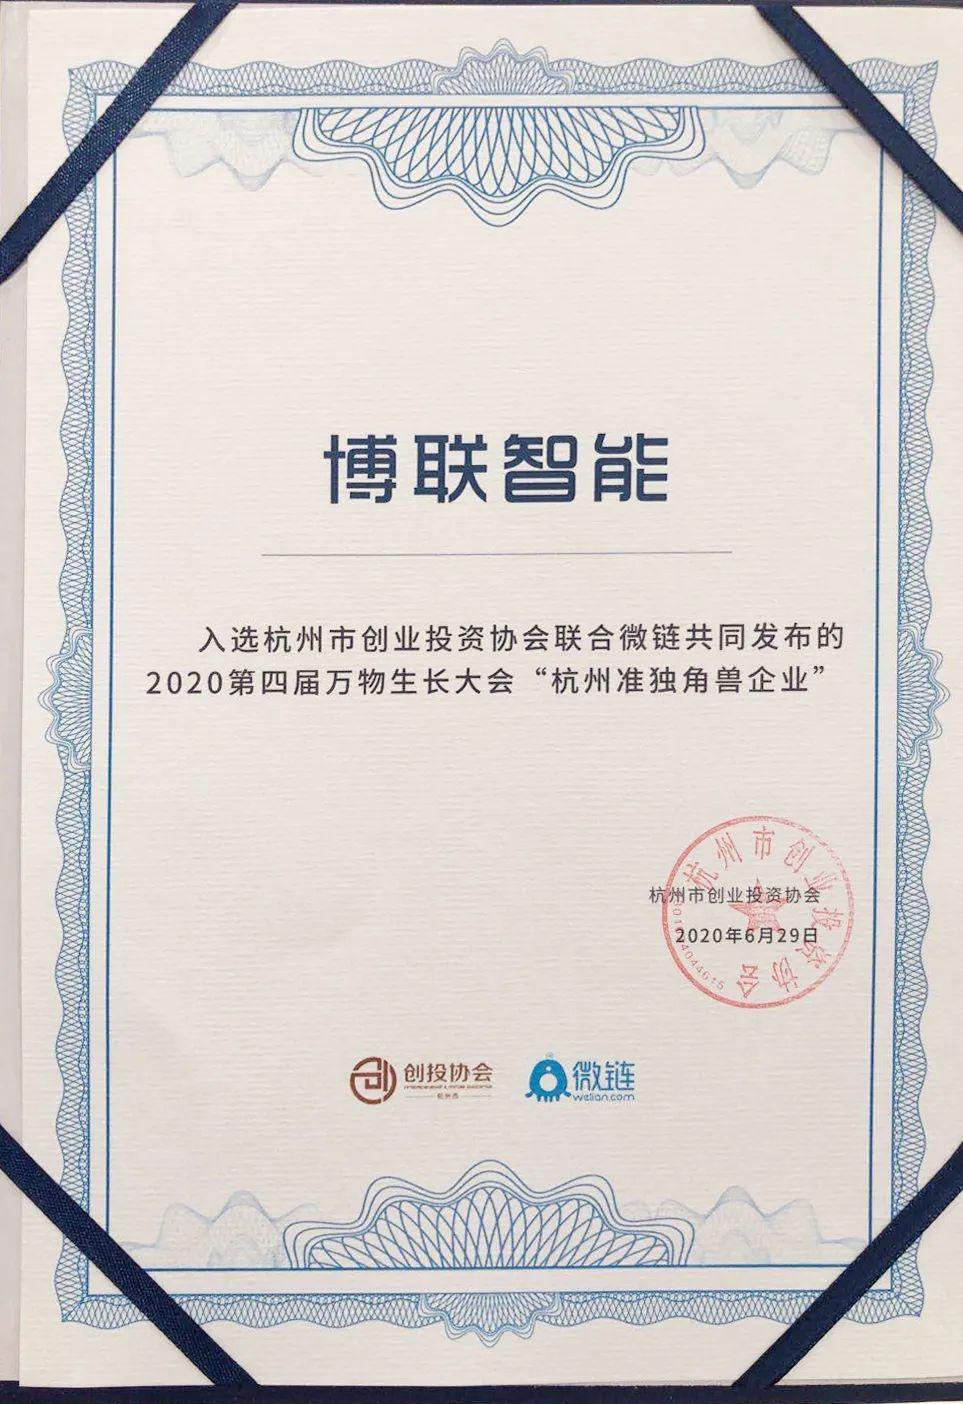 博联智能入选2020杭州准独角兽榜单,领跑智能家居行业